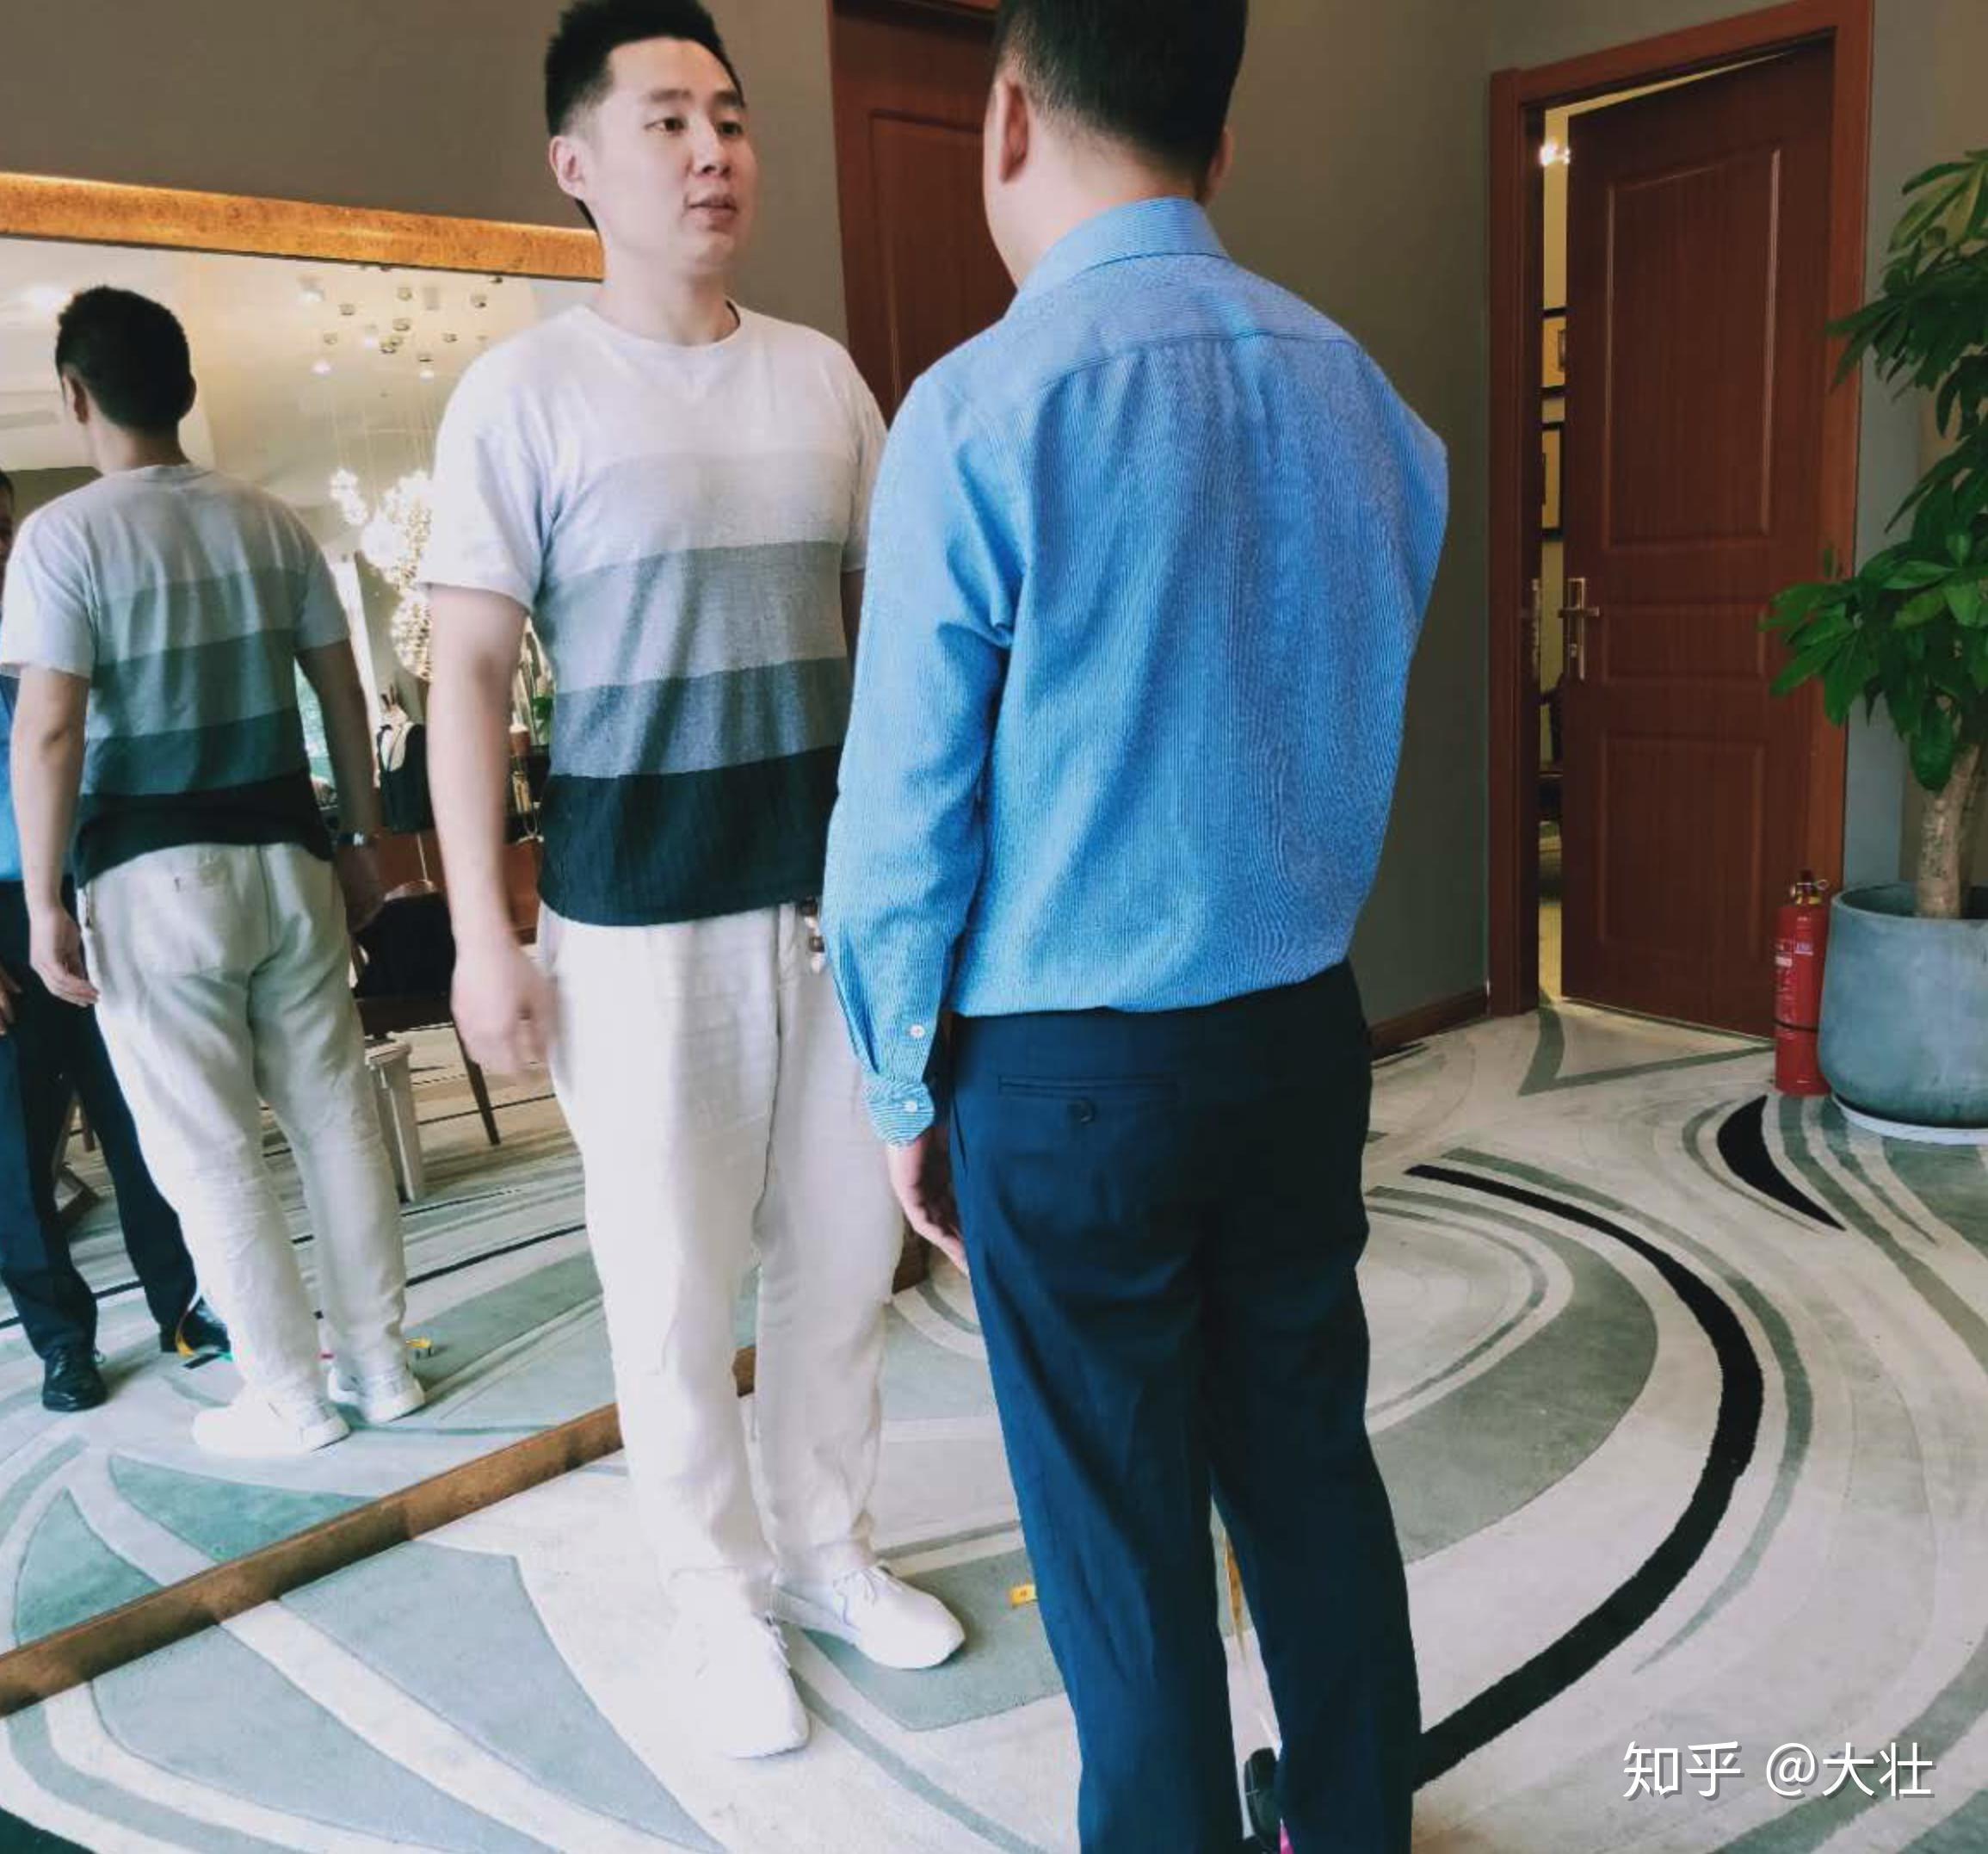 苏州哪里定做旗袍好_上海的西服定制哪里好?-知乎